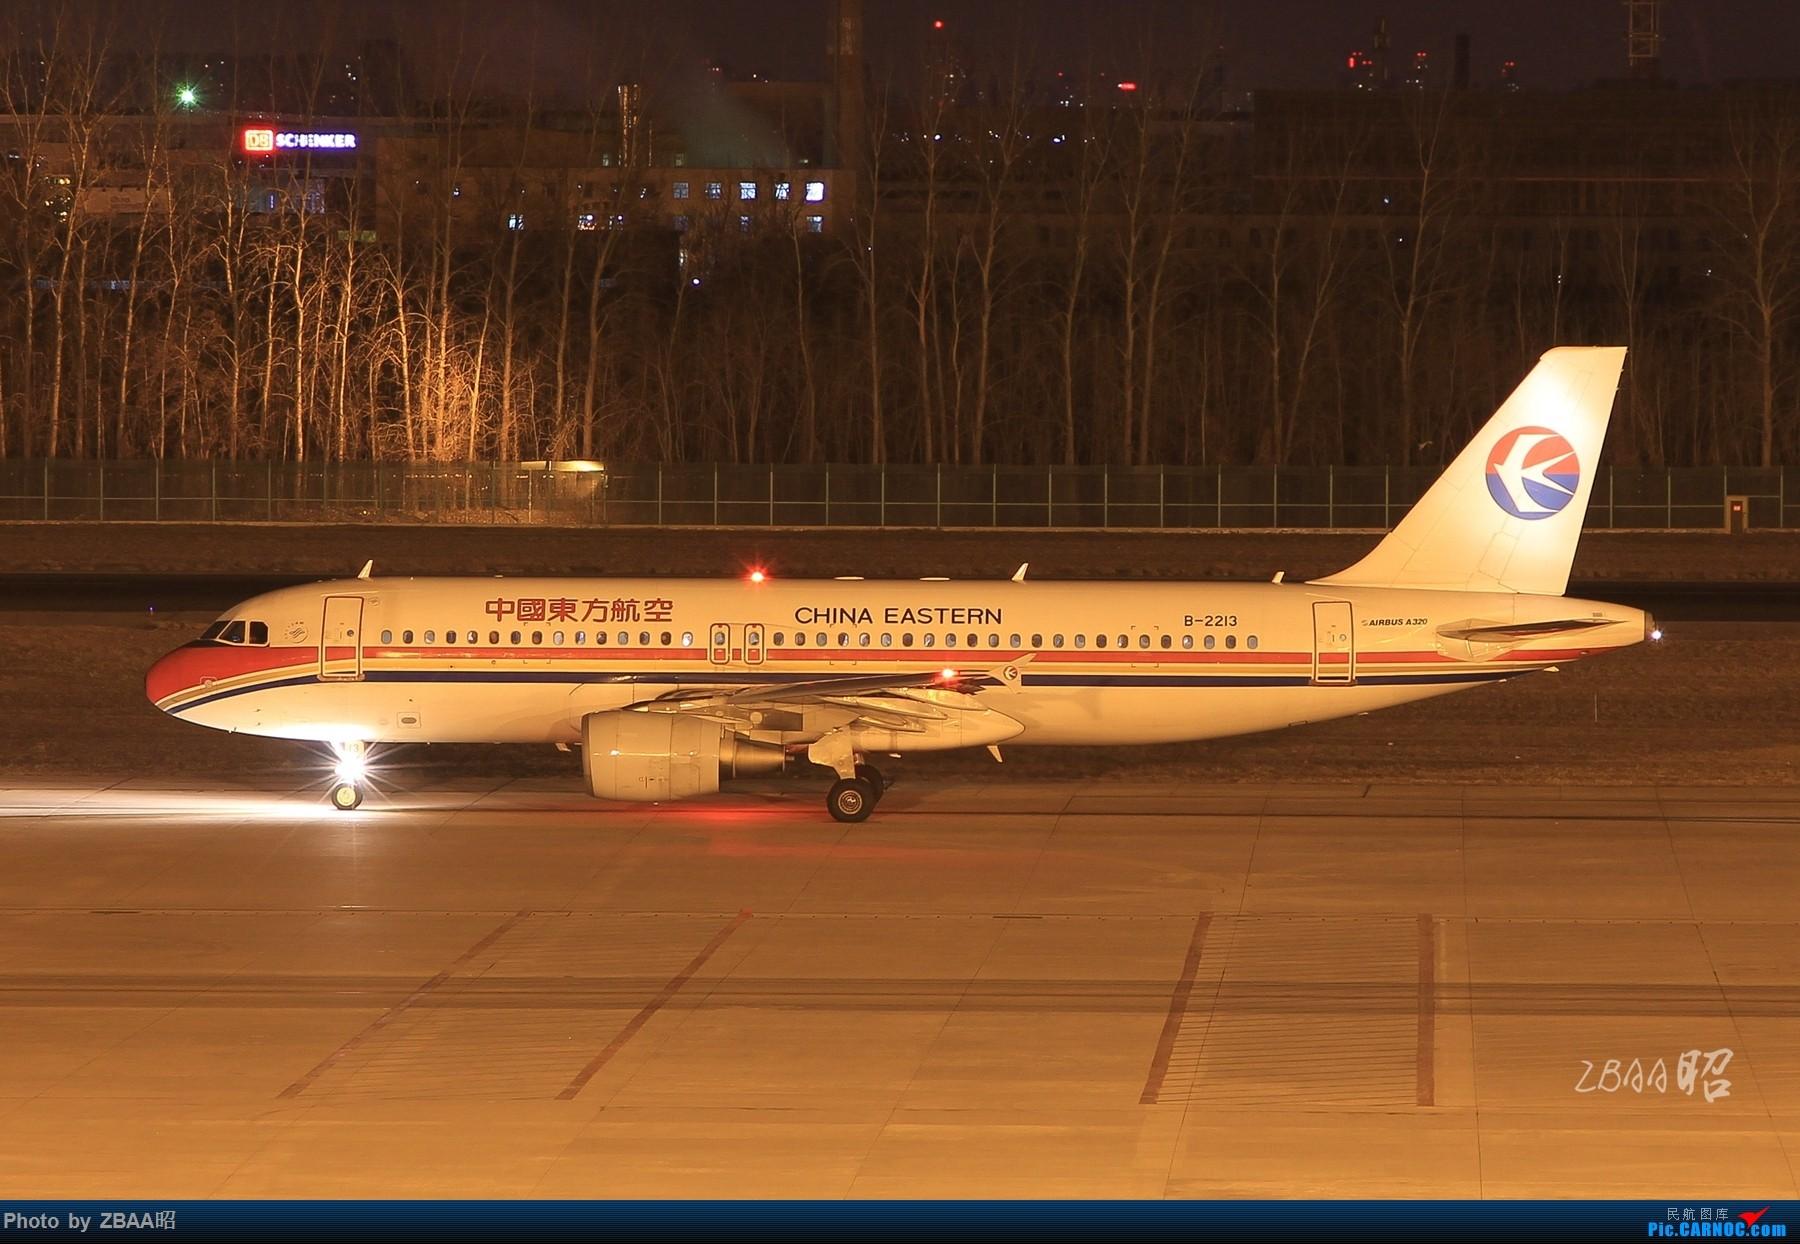 Re:[原创]飞友聚会后的独自疯狂,格林豪泰隔天怒打ZBAA 36L跑道,夜拍海航宽体机,寒风中坚守楼顶阵地 AIRBUS A320-200 B-2213 中国北京首都国际机场